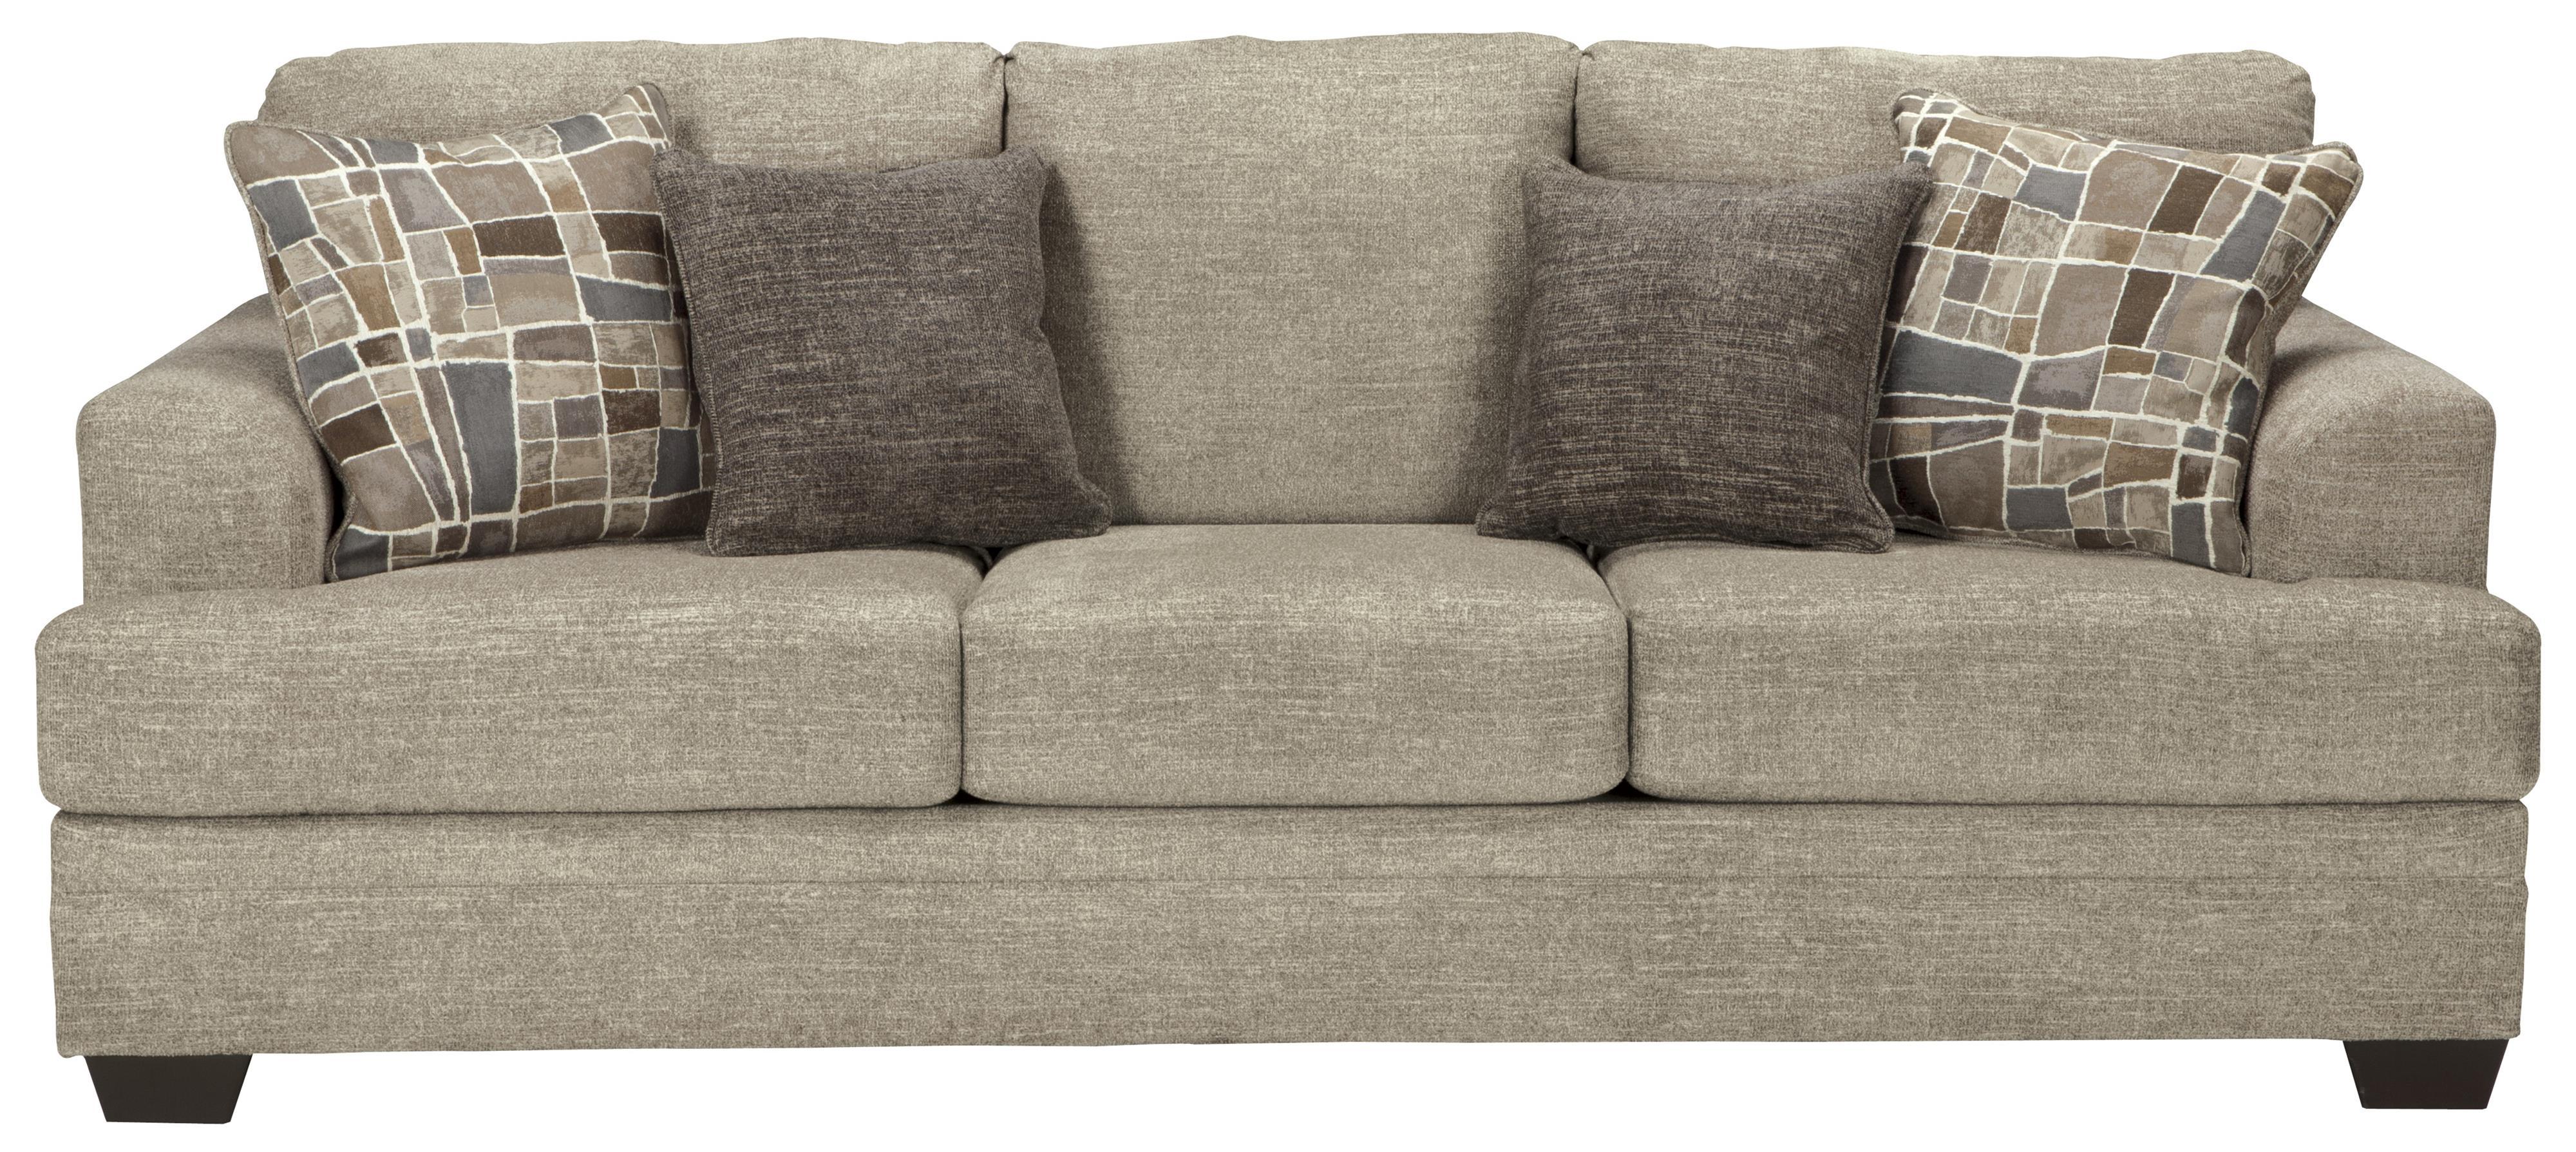 Queen Sofa Bed Benchcraft Barrish Queen Sofa Bed - Item number: 4850139 SMGPKHM